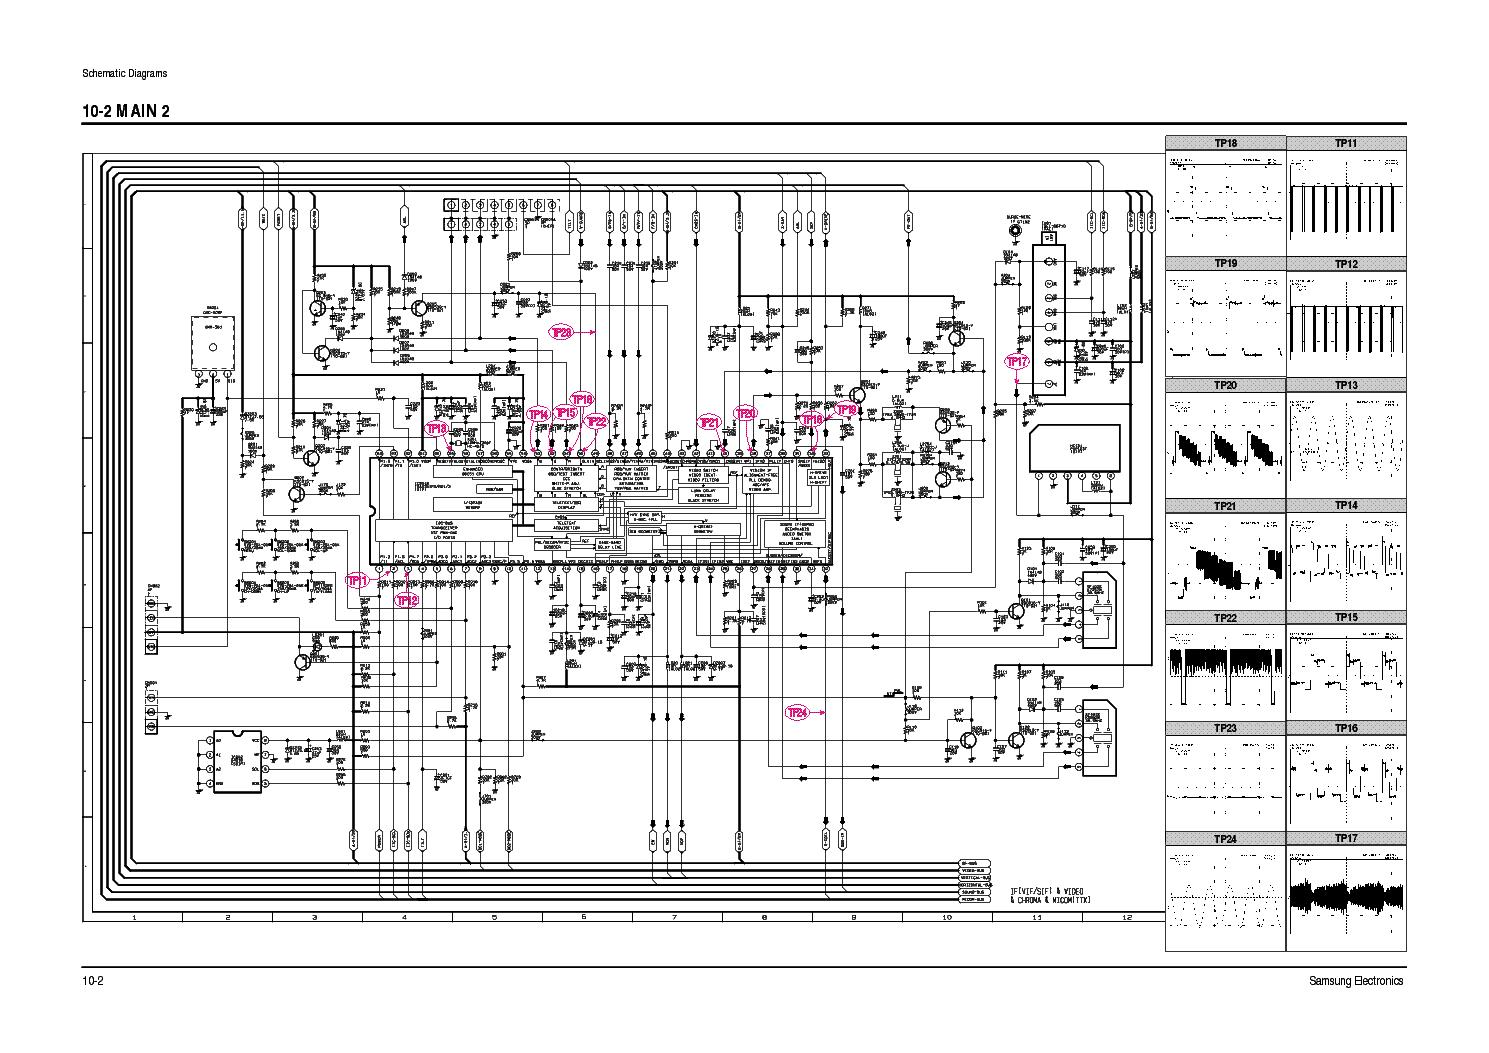 SAMSUNG S56A REV1.1-CW21A113N,CW28D83N Service Manual